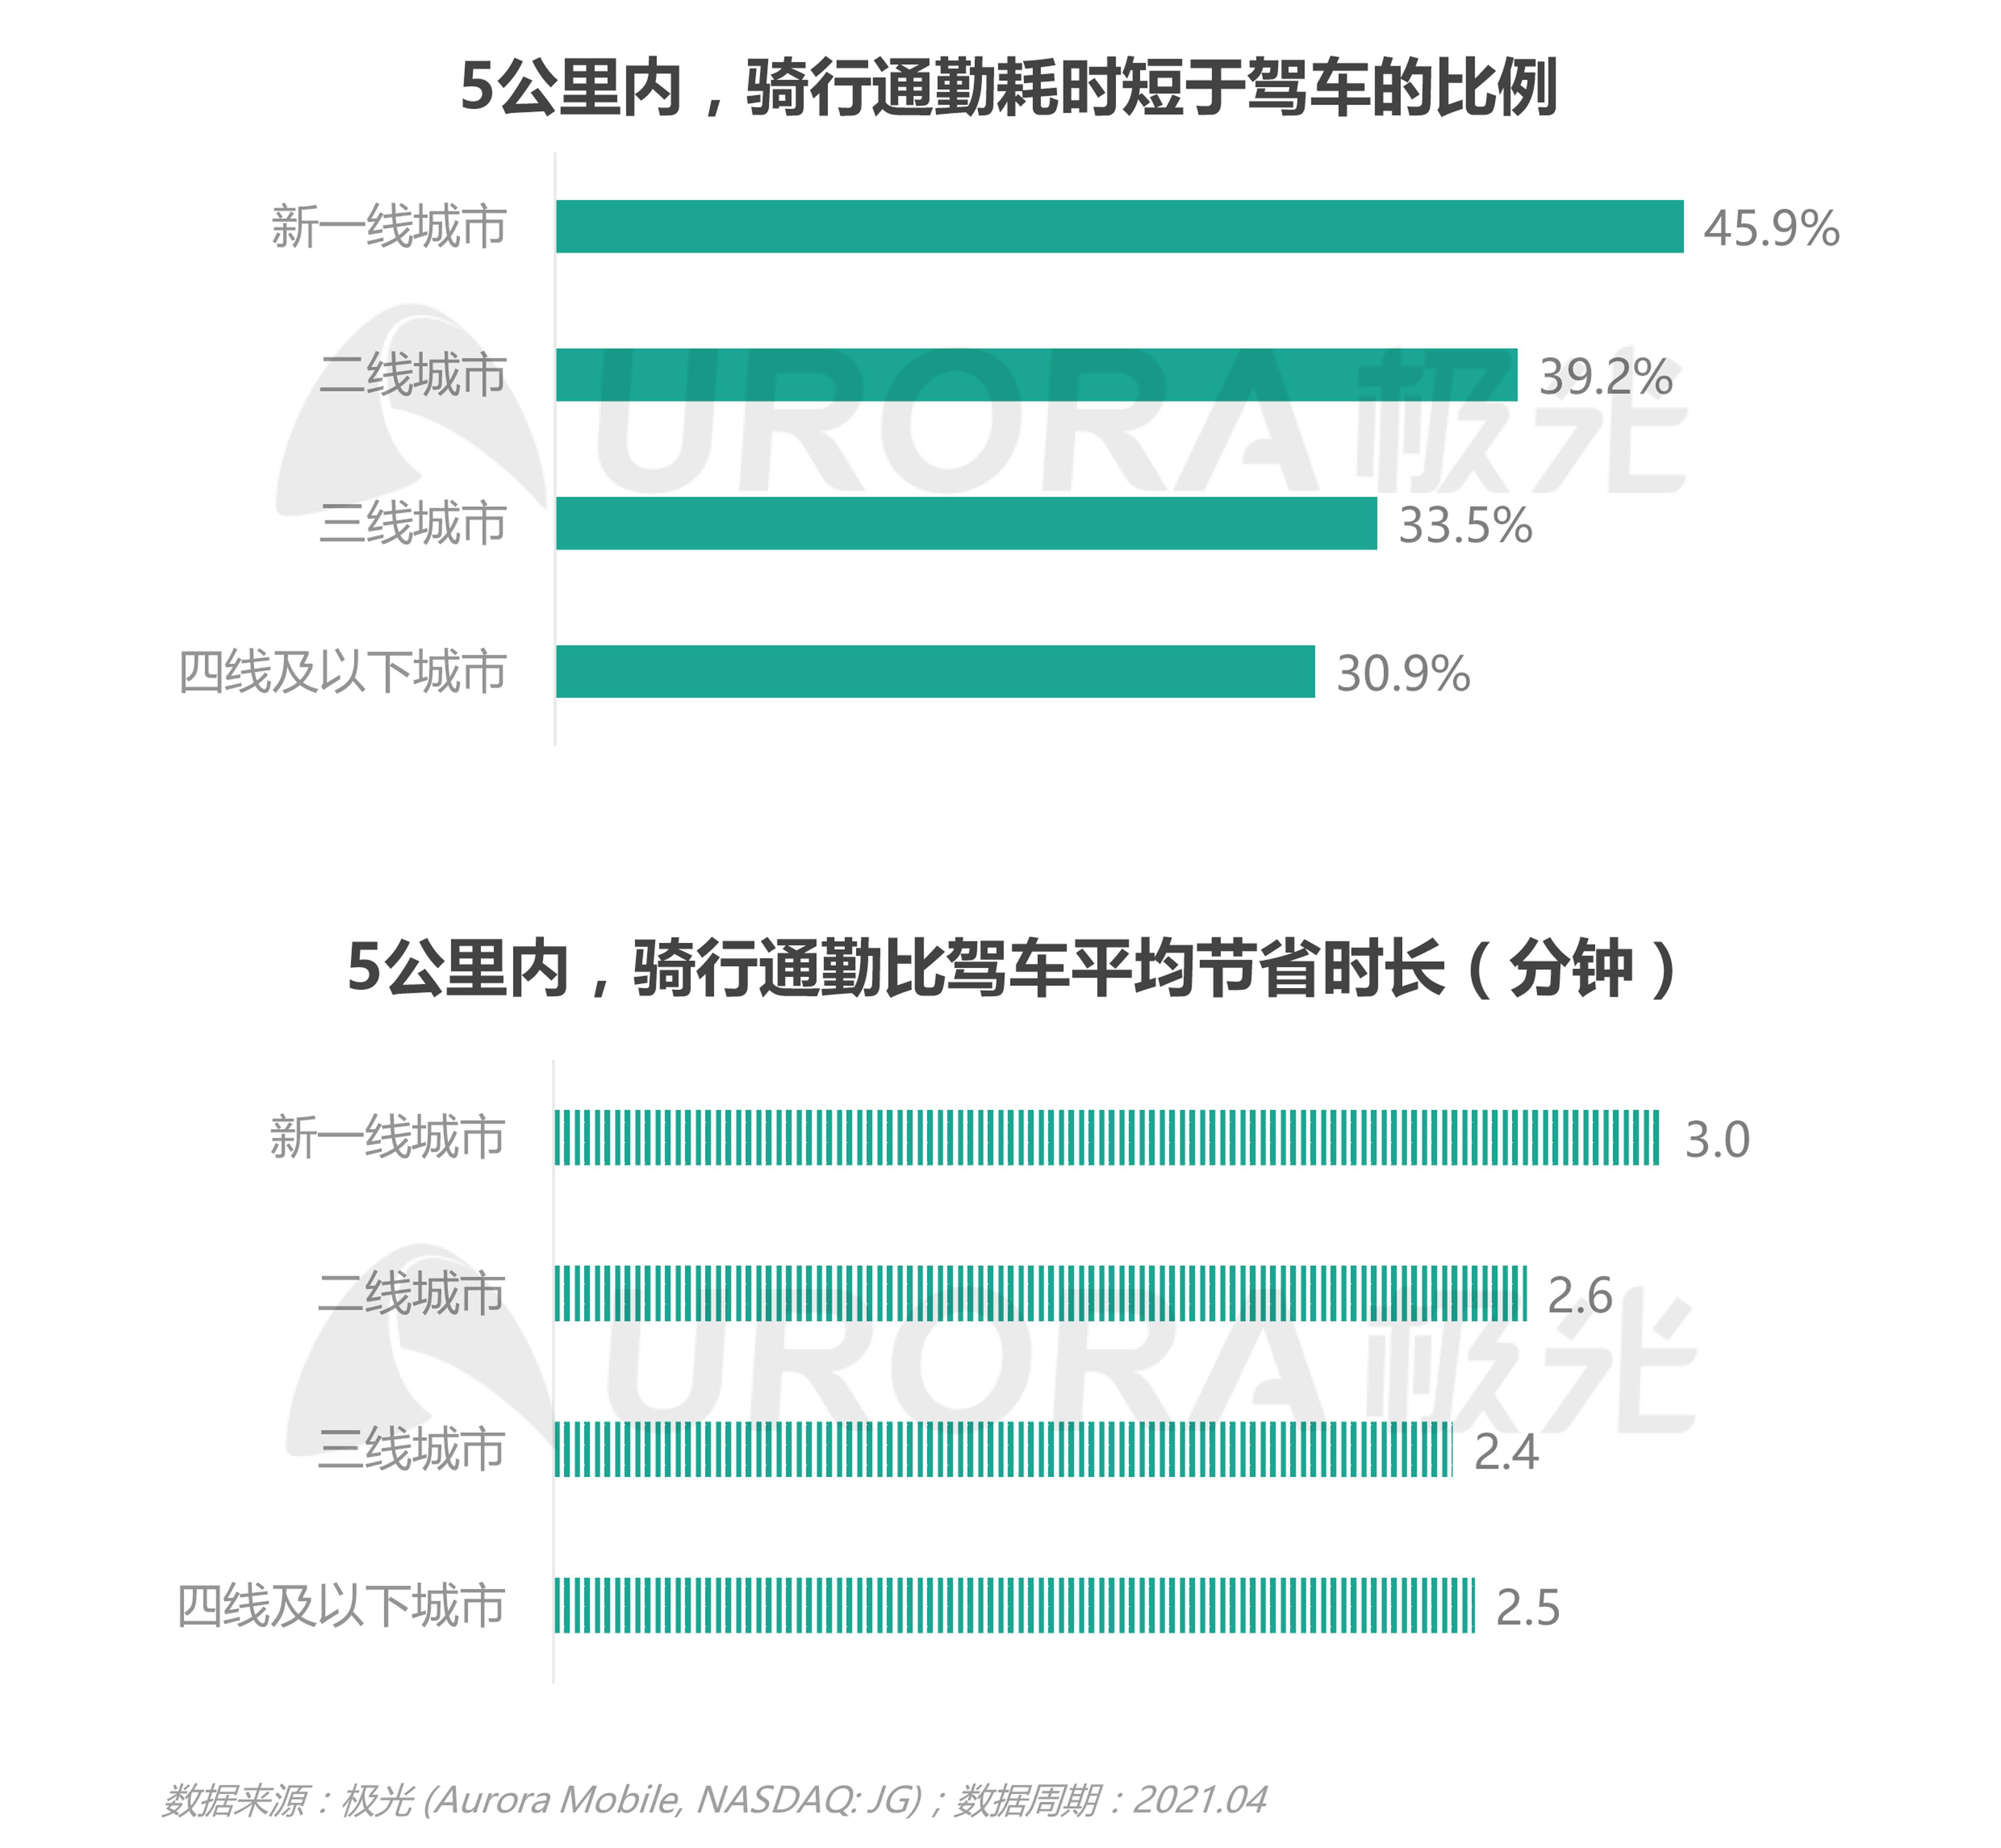 JIGUANG-共享电单车社会价值研究报告_0528(终版)-17.png